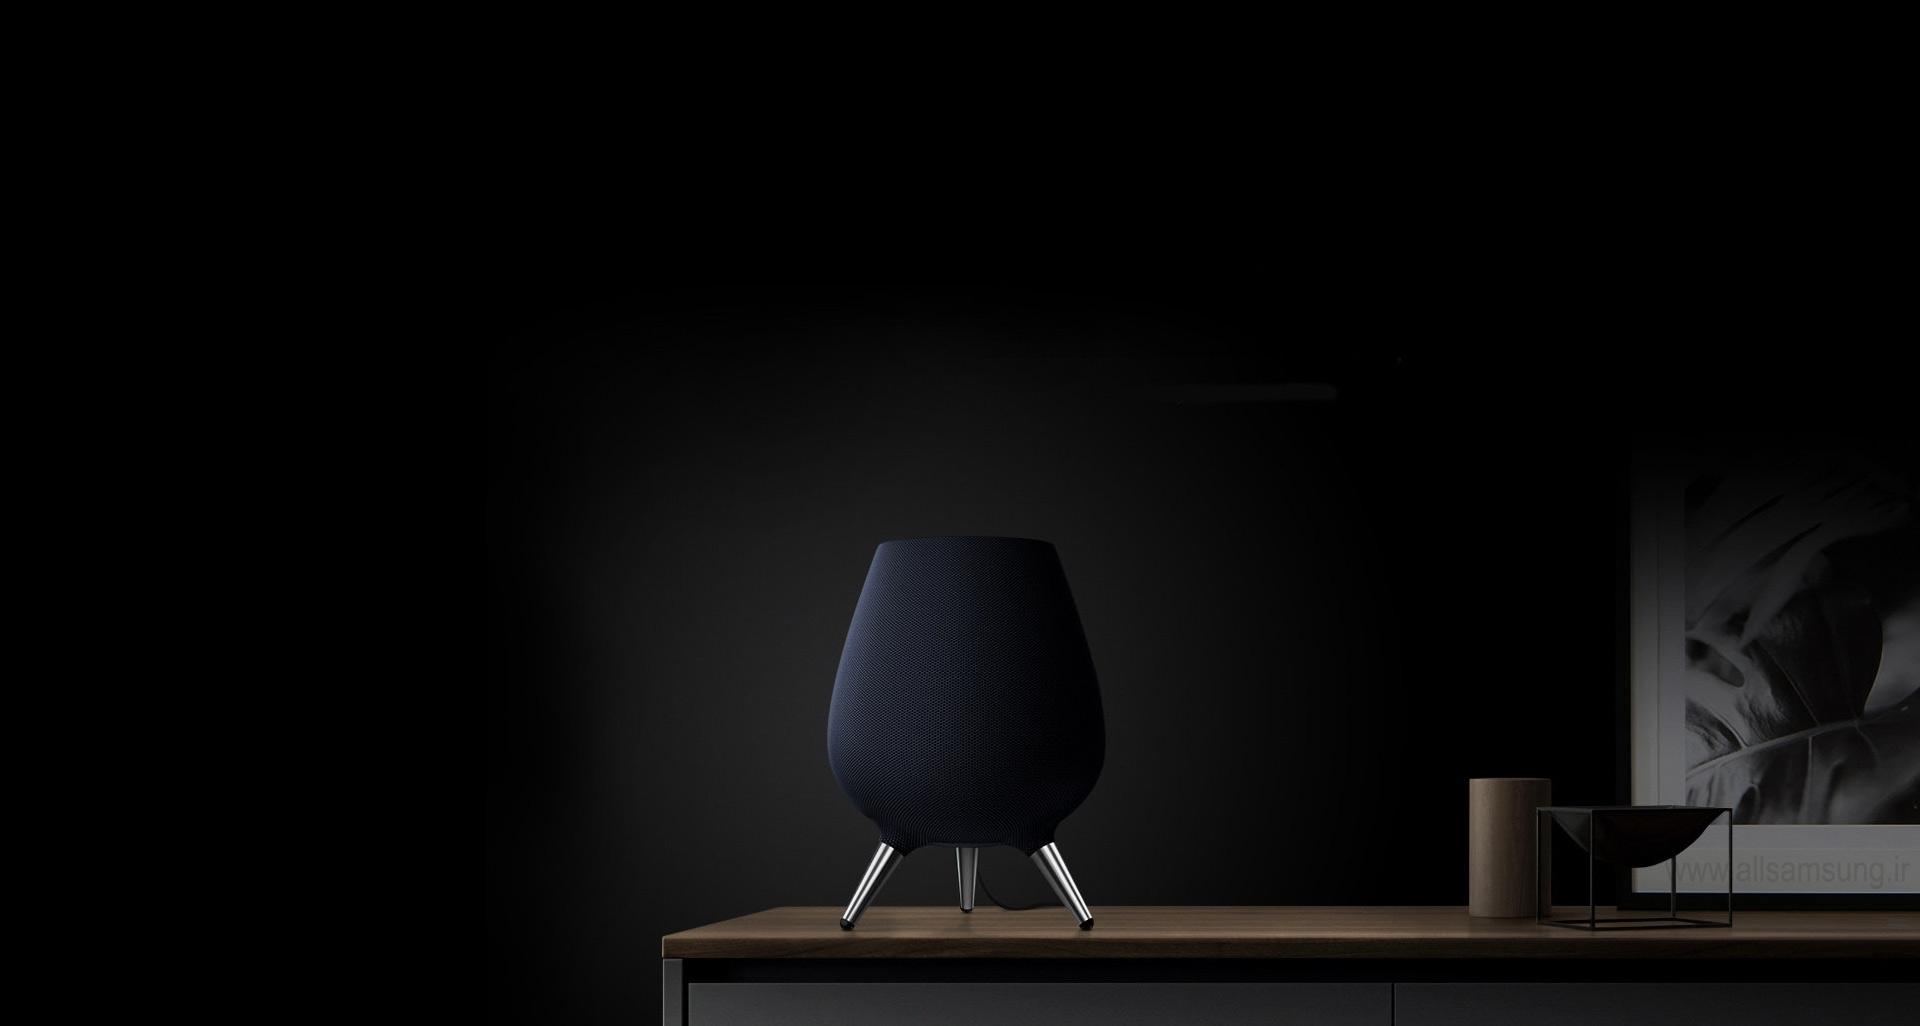 اسپیکر سامسونگ گلکسی هوم Samsung Speaker Galaxy Home